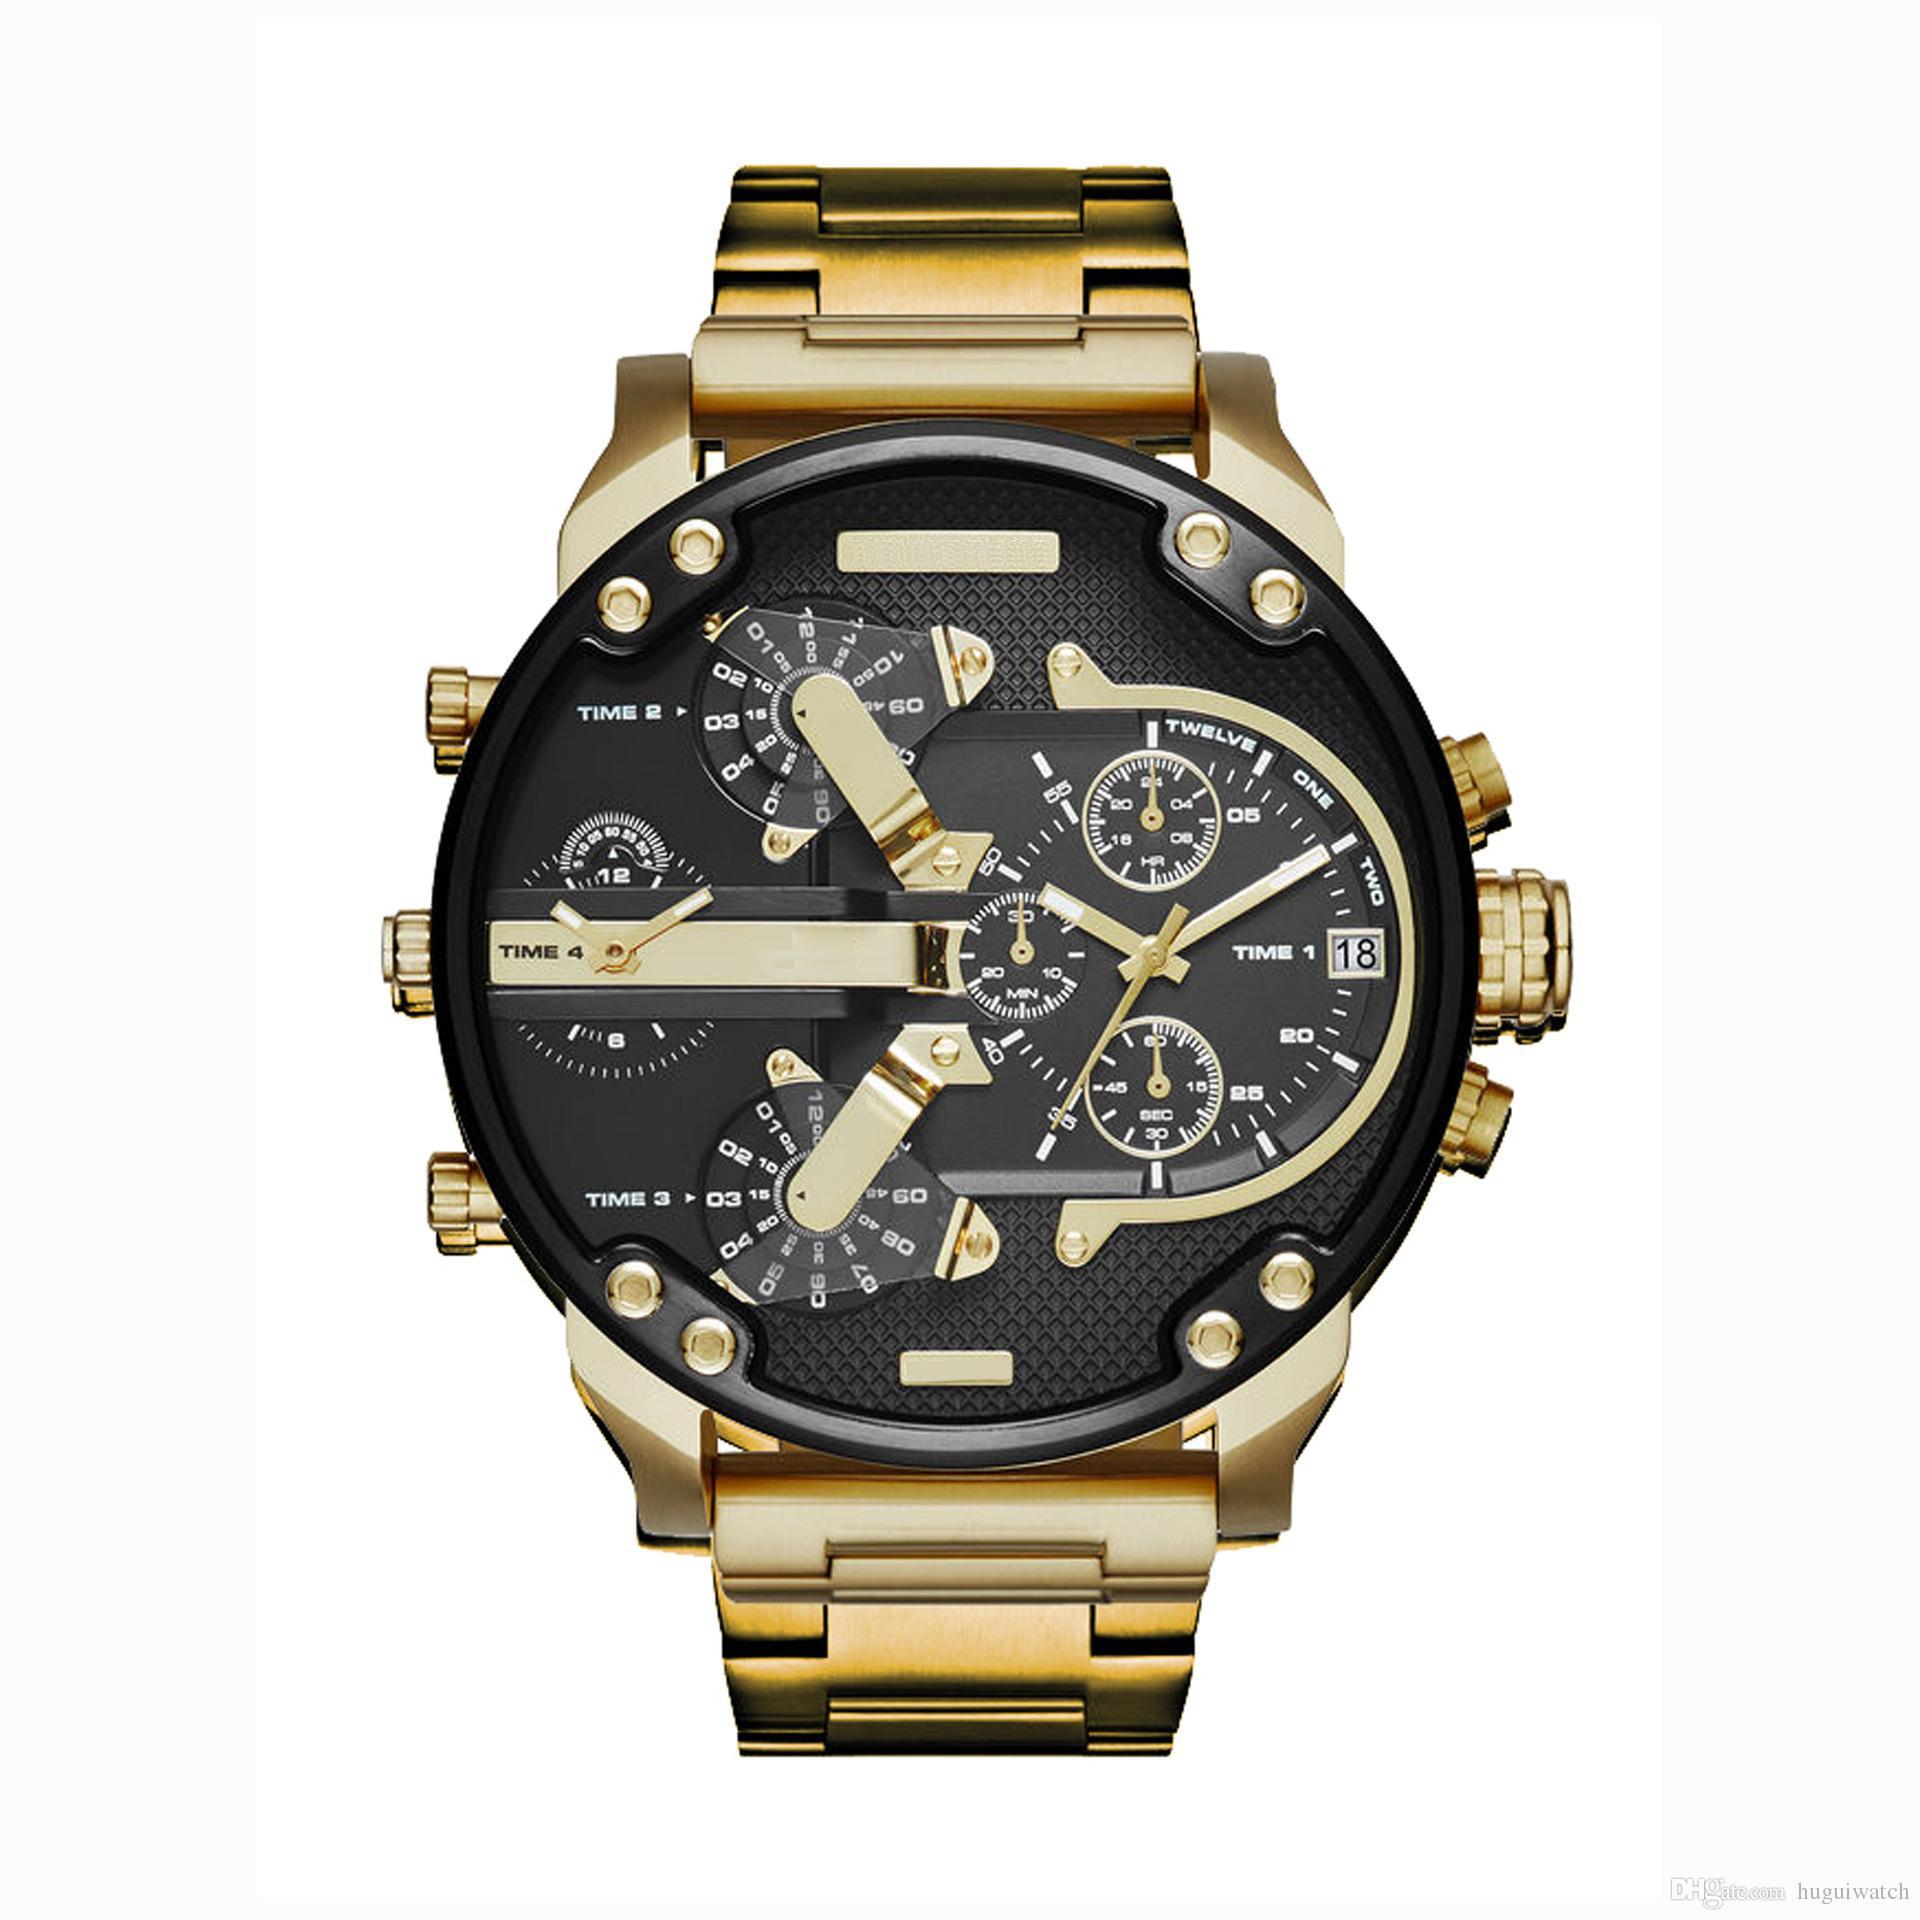 c37847193b3 Compre New Chegou Moda Dos Homens Grande Dial DZ Estilo Relógios De Ouro  Para O Homem Promoção Calendário À Prova D  água Relógio De Quartzo Do  Exército ...